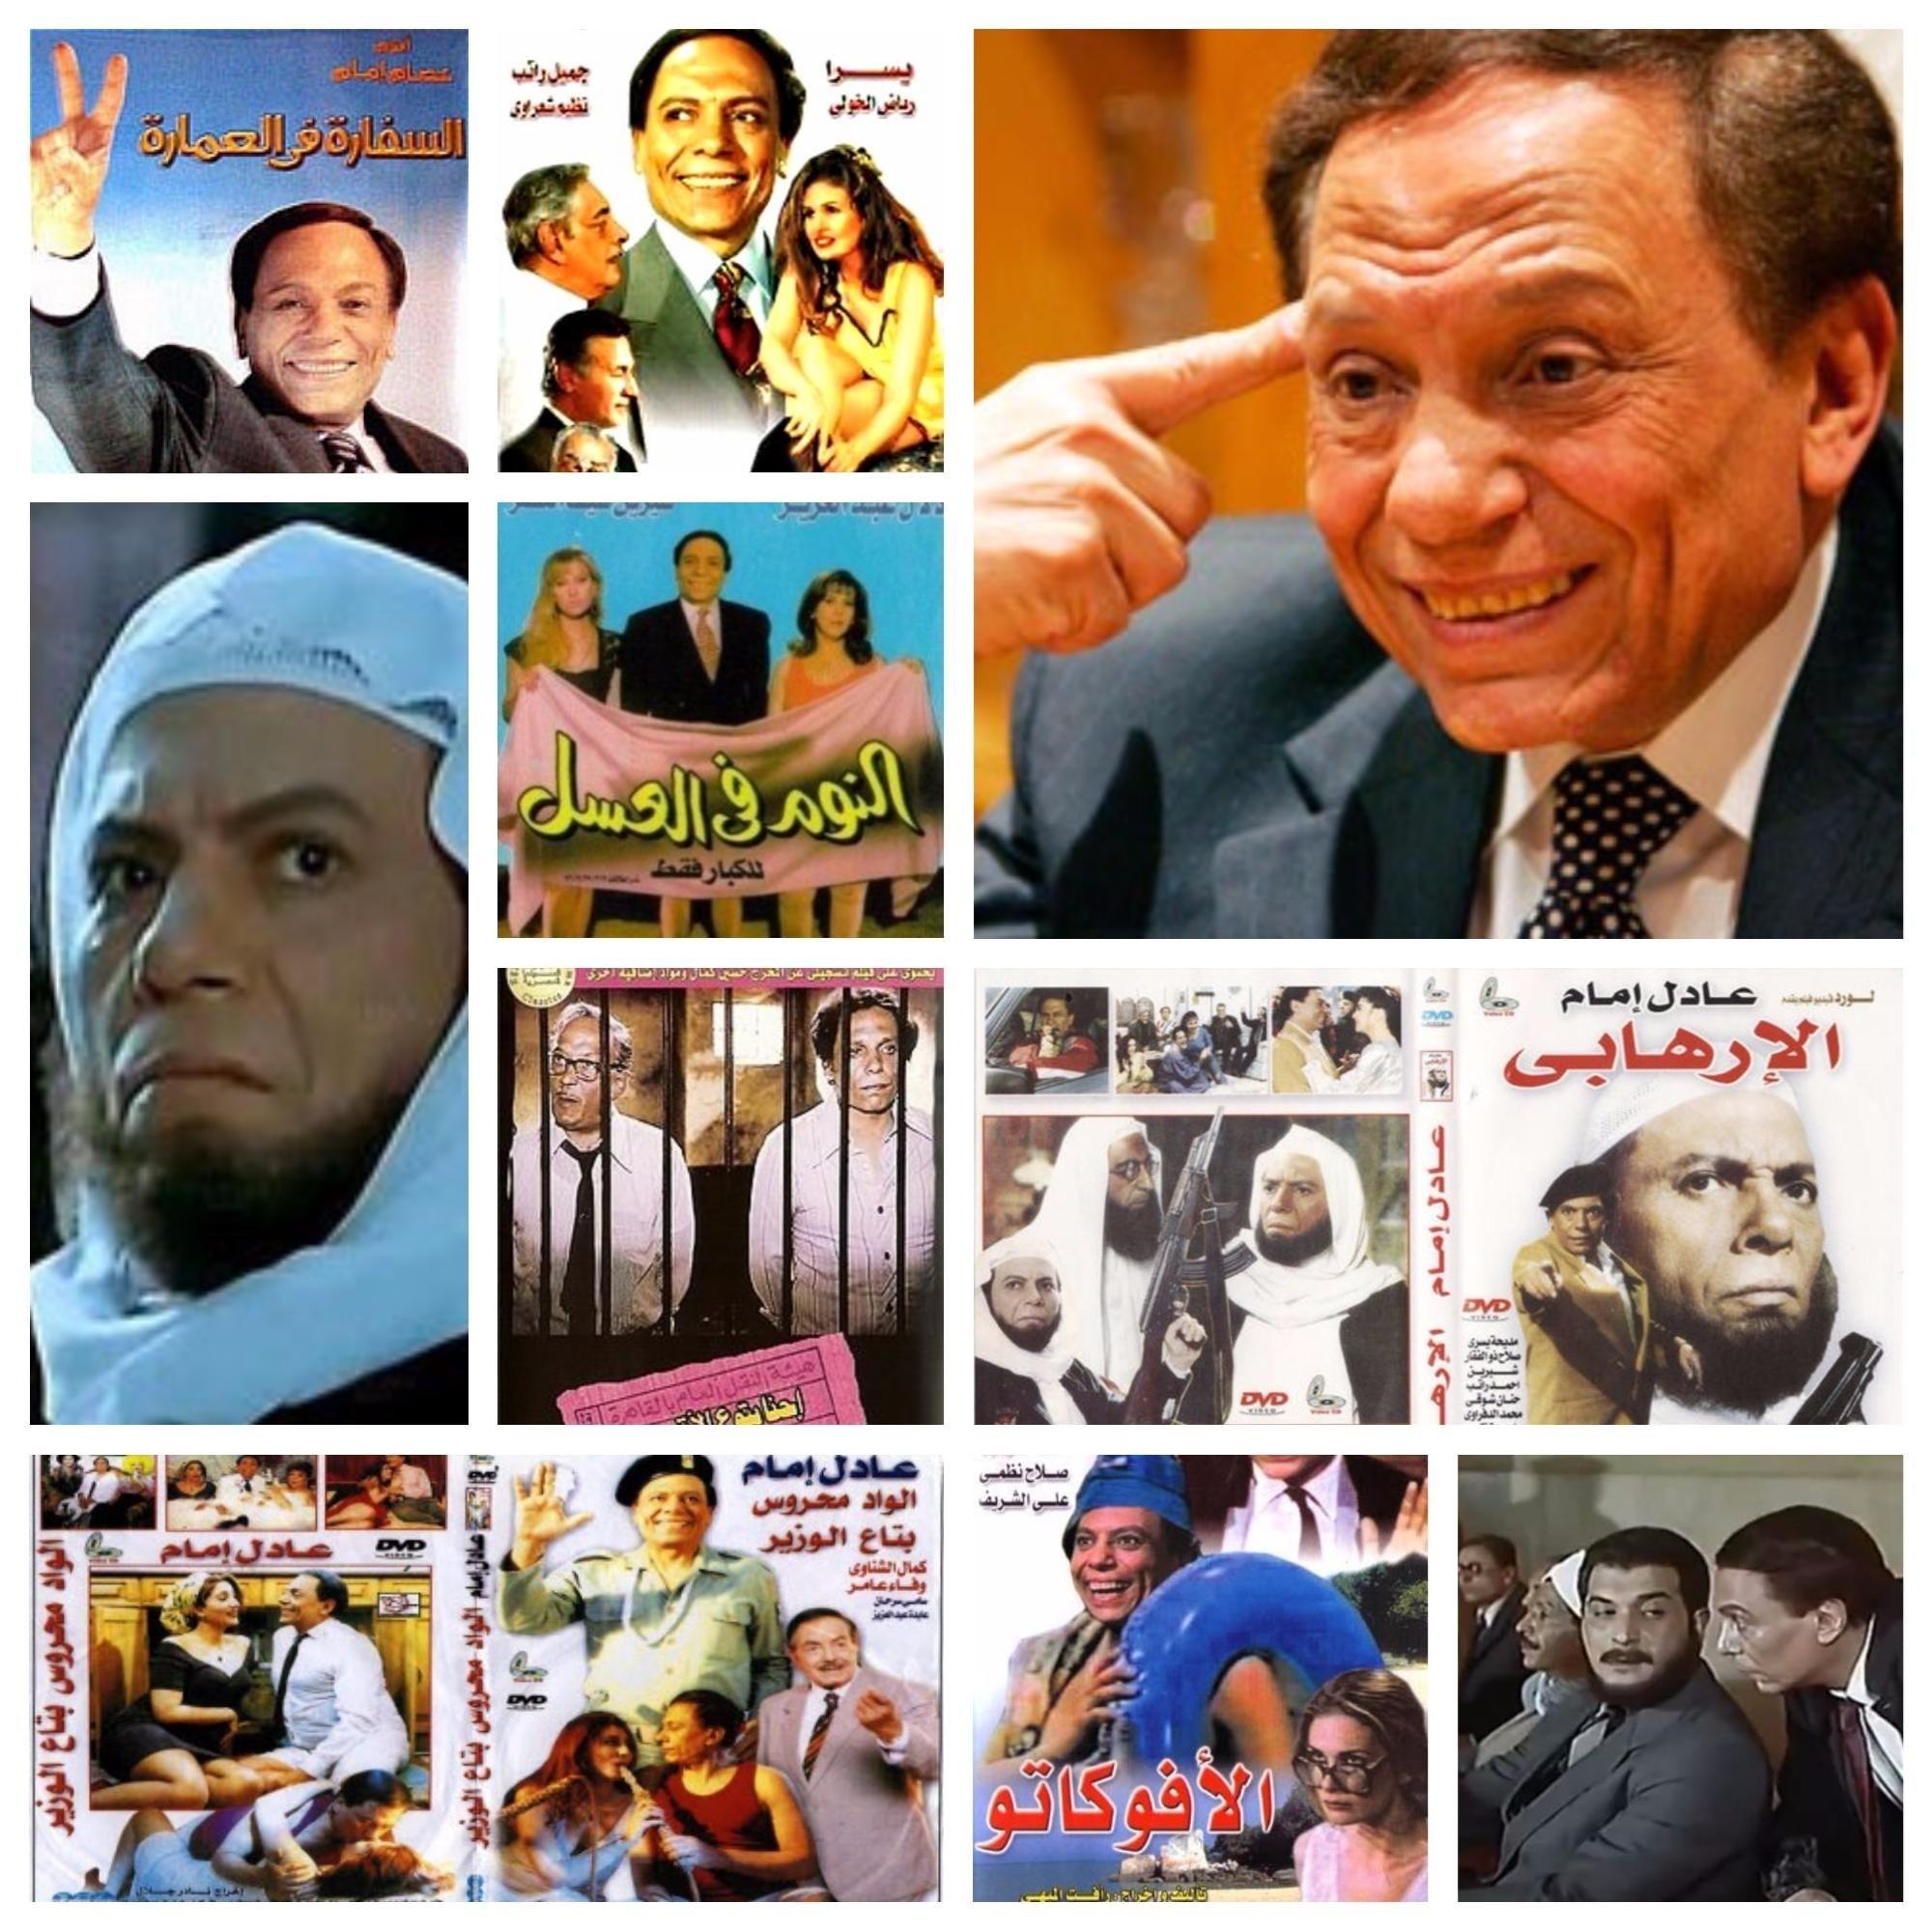 """قناة """"بوب أب"""" مؤقتة خاصة بأفلام عادل إمام"""